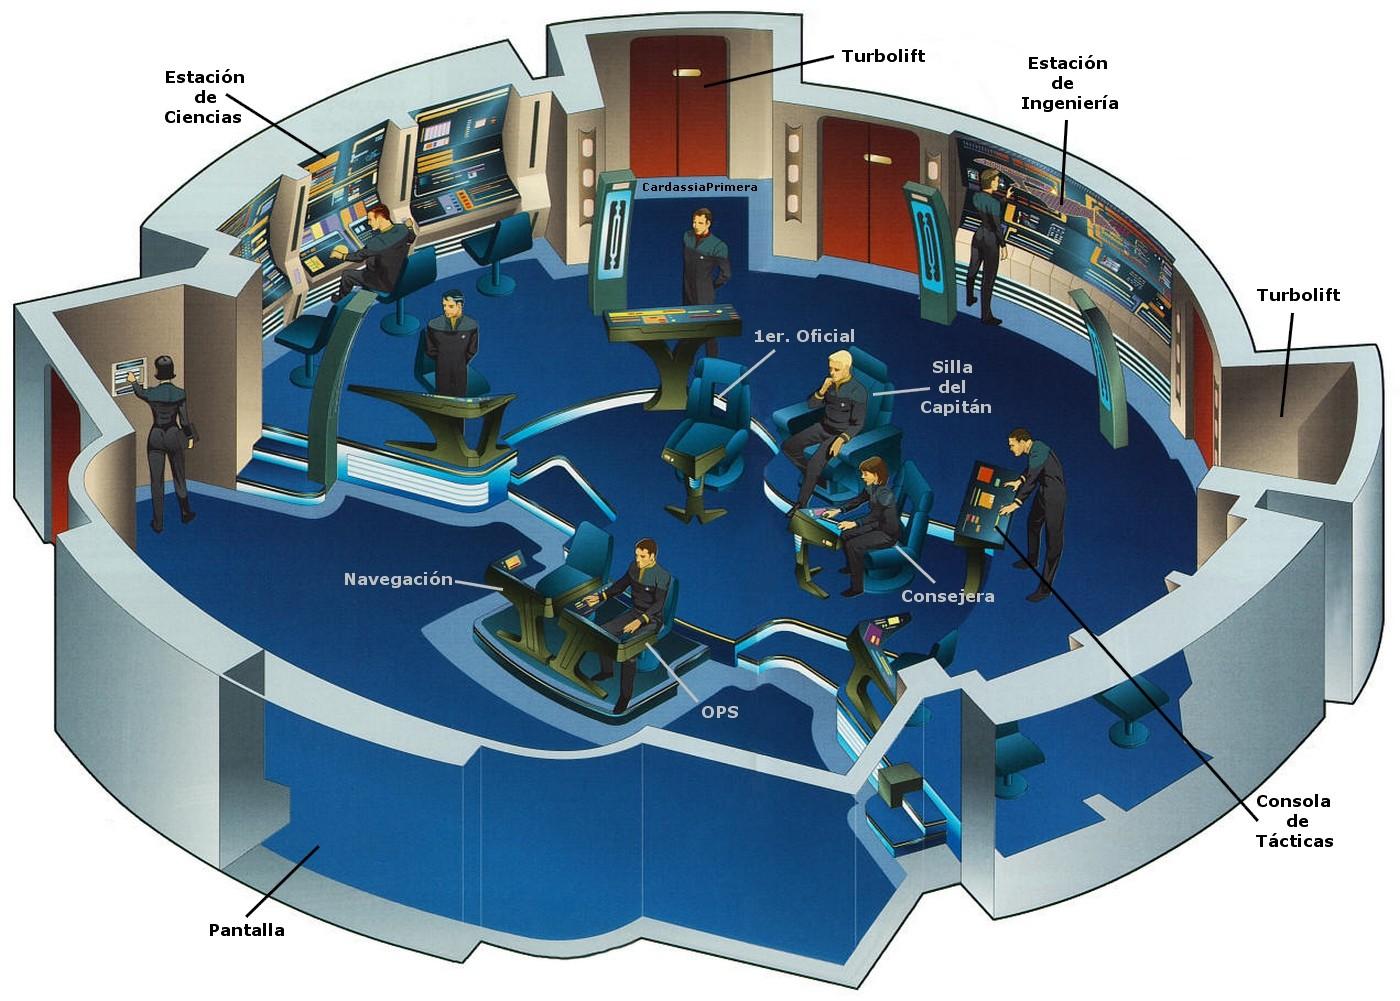 Star Trek Starships Bridges Interiors Schematics Blueprints Enterprise D Schematics on